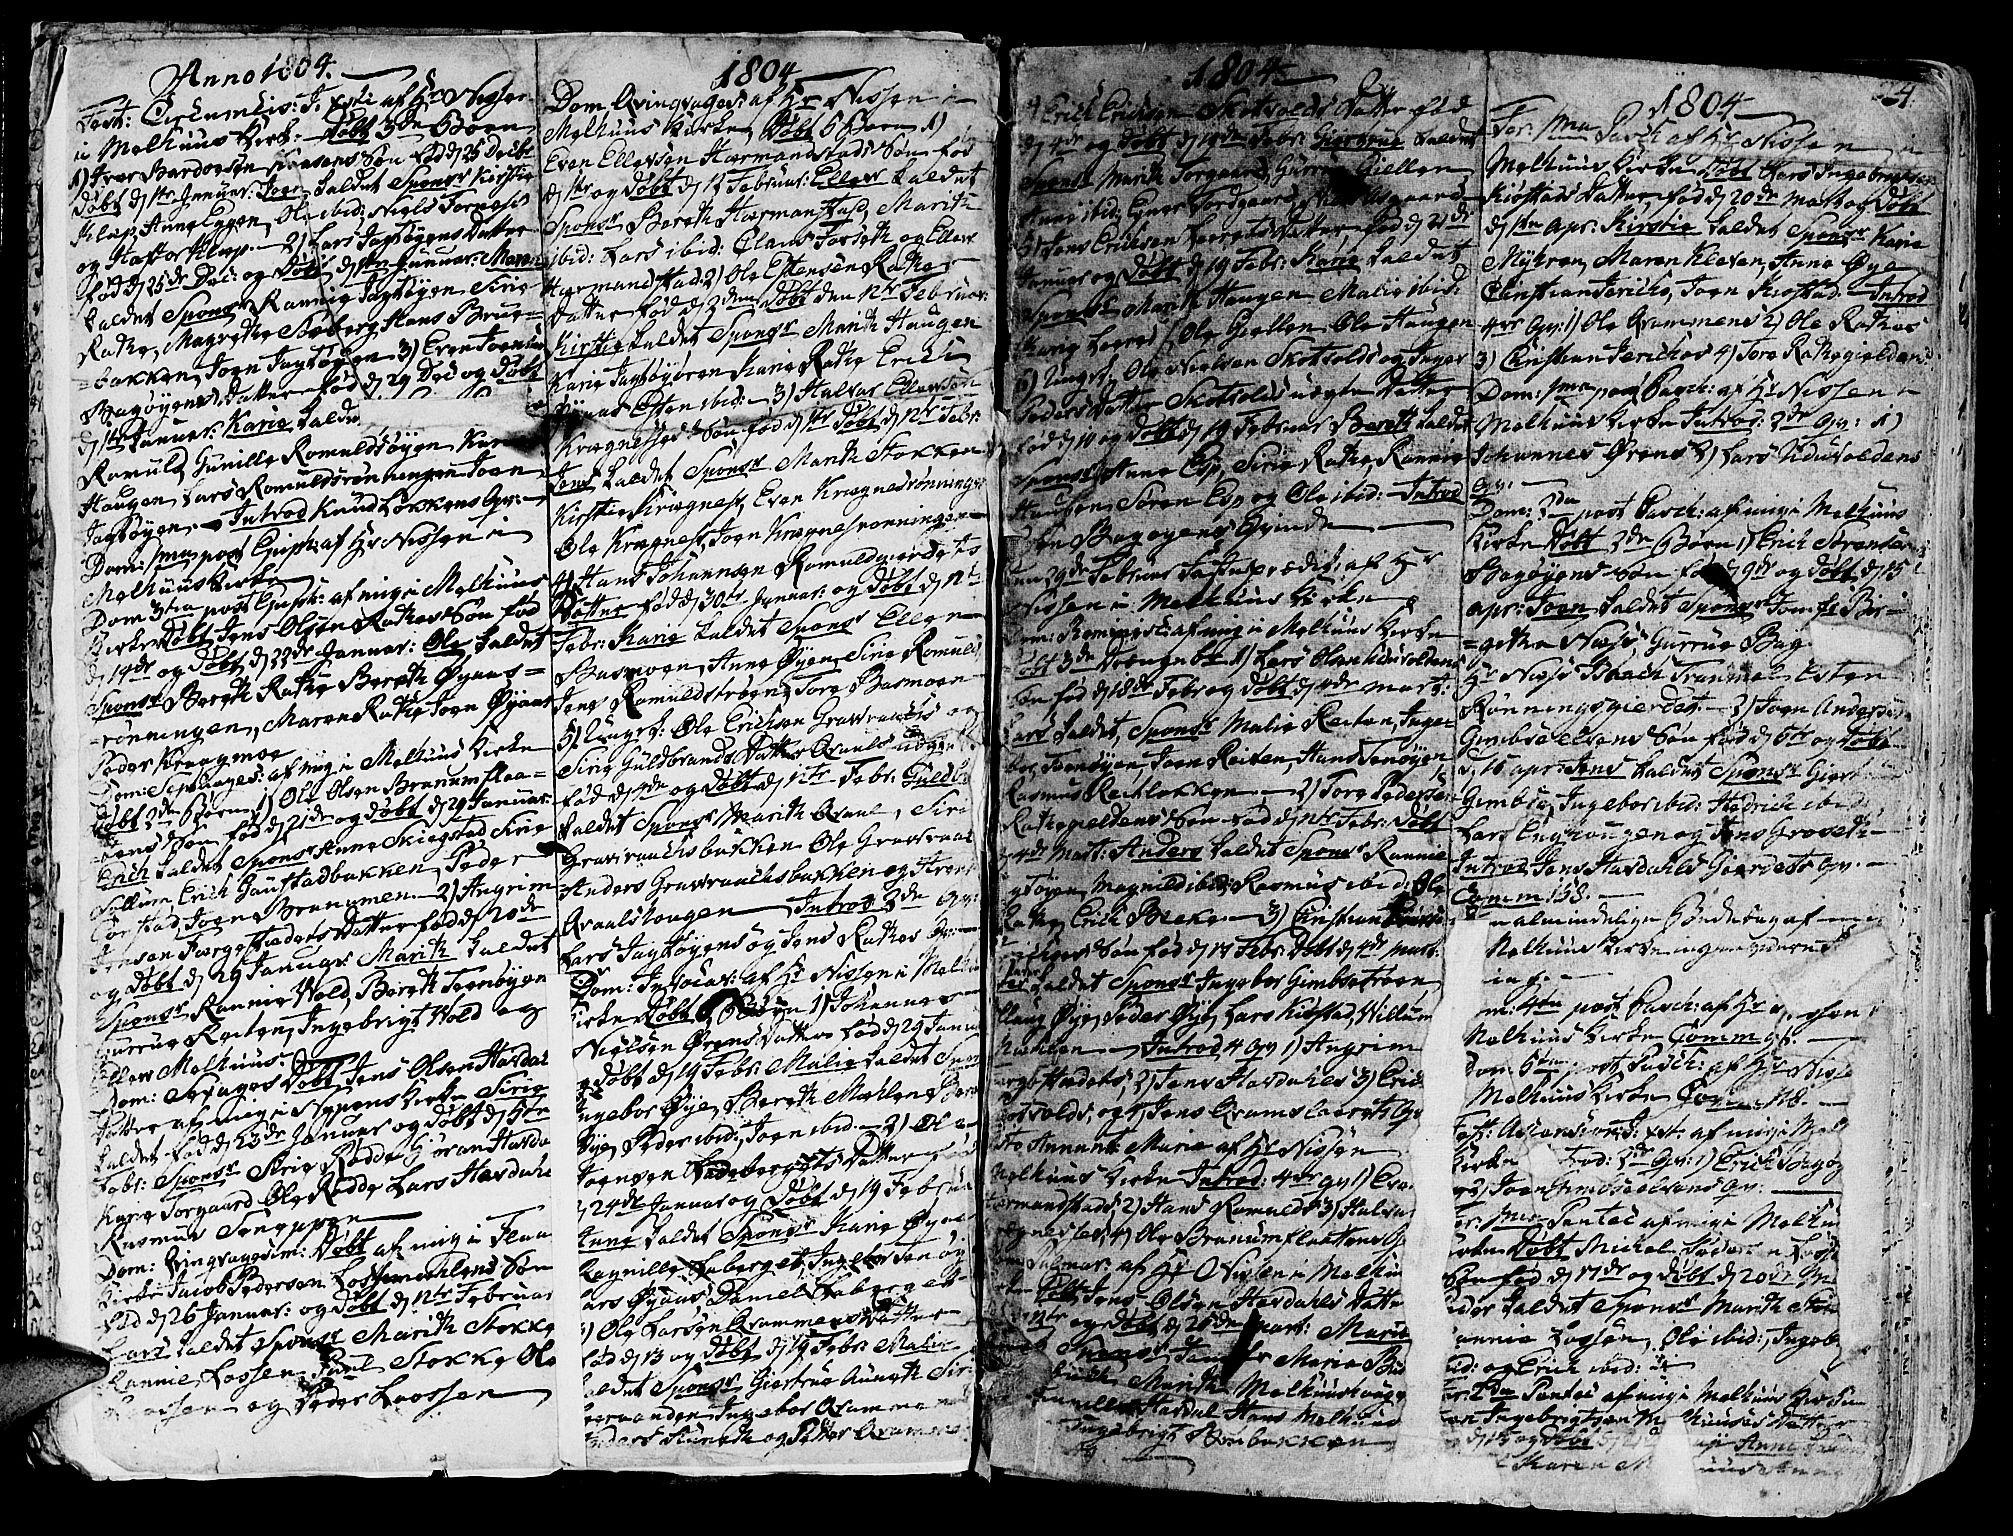 SAT, Ministerialprotokoller, klokkerbøker og fødselsregistre - Sør-Trøndelag, 691/L1061: Ministerialbok nr. 691A02 /1, 1768-1815, s. 24